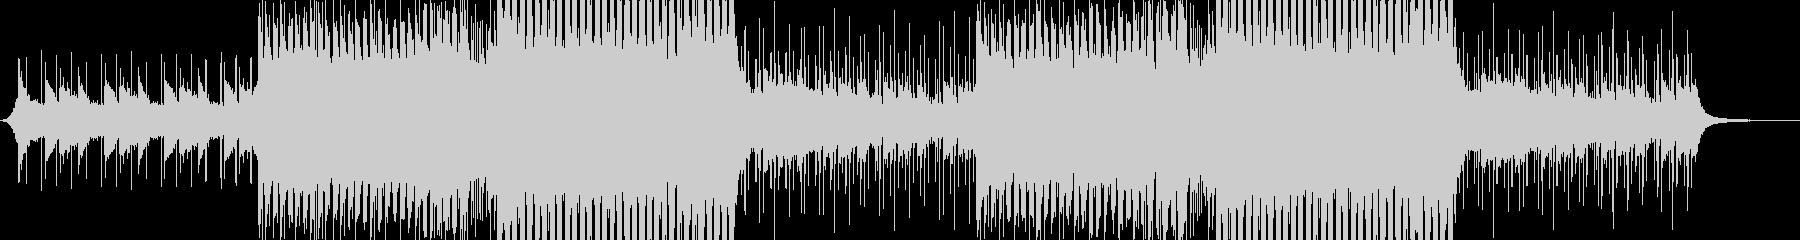 洋楽感のある夏らしいトロピカルハウス3の未再生の波形